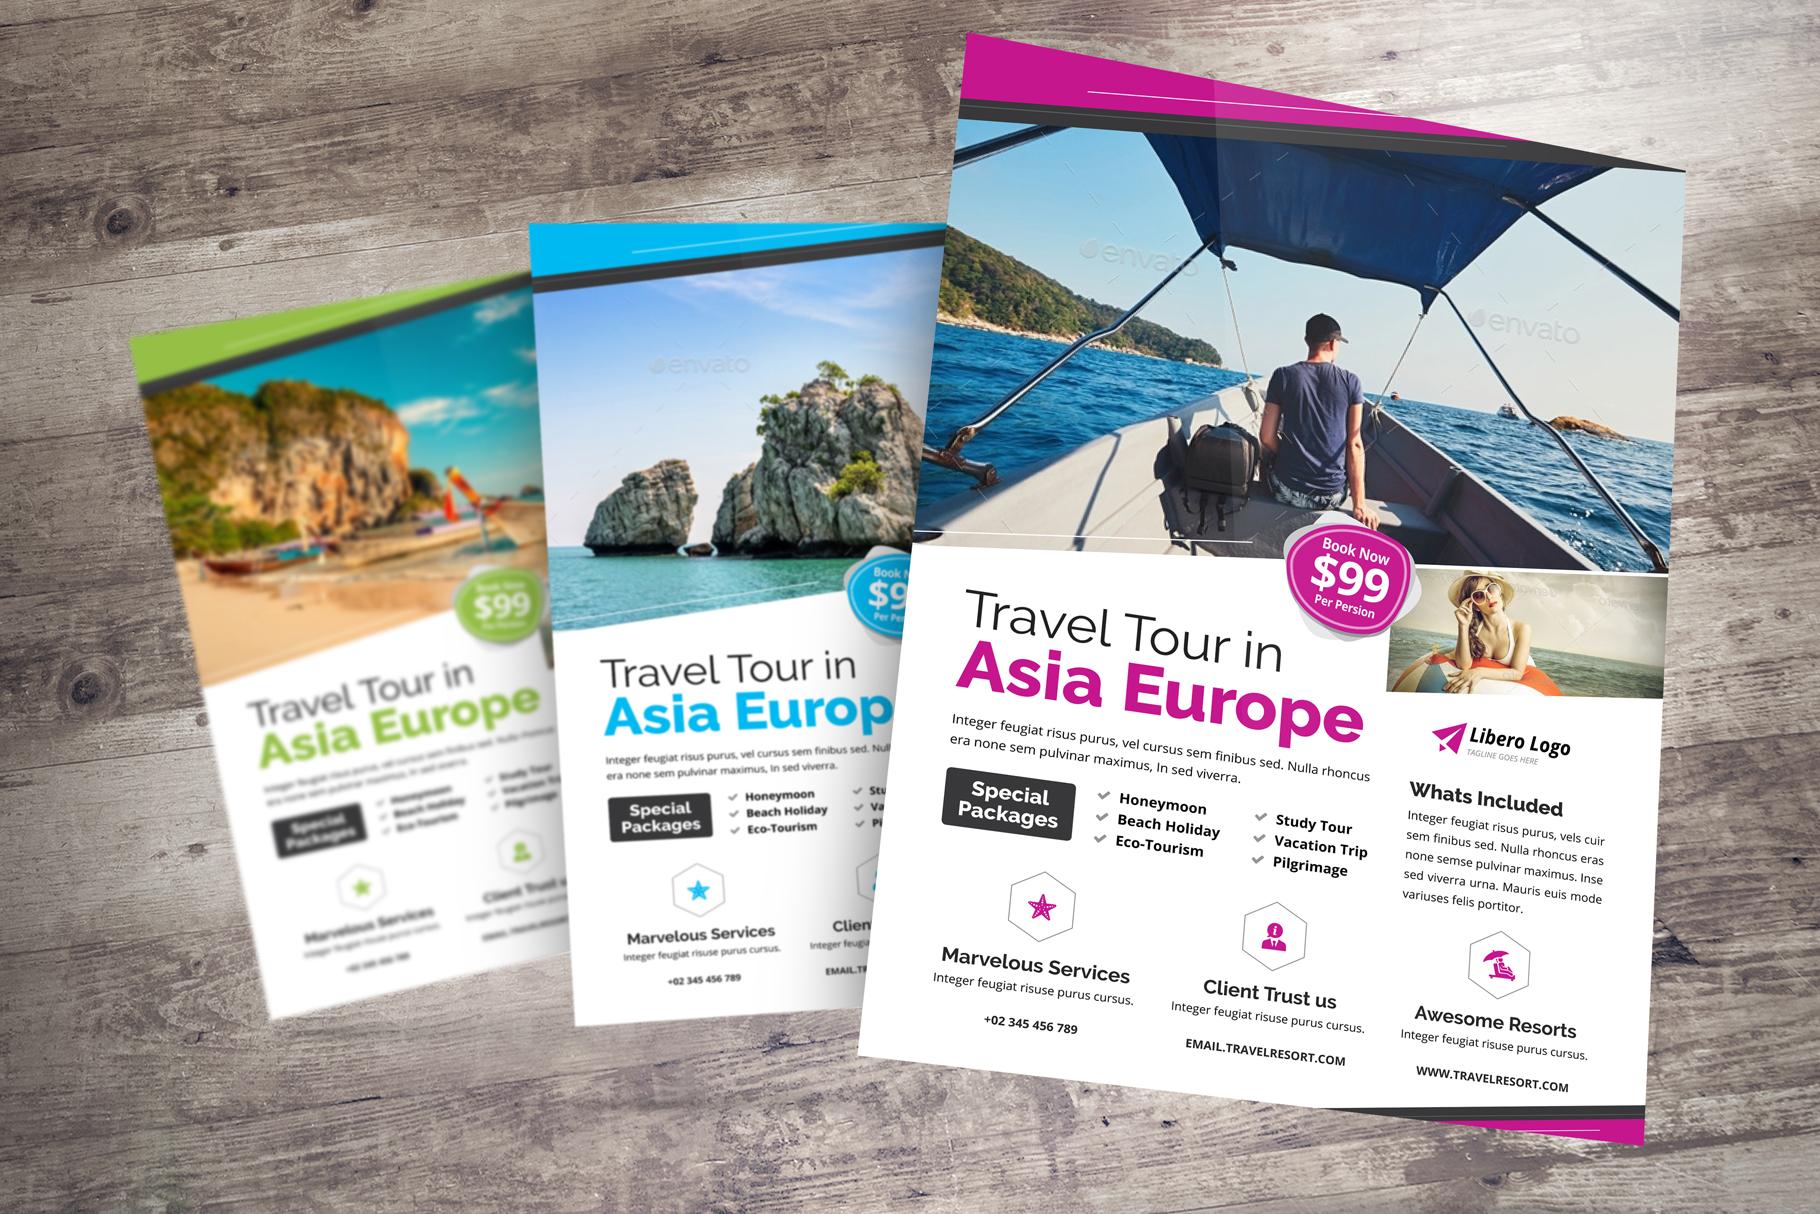 Travel Resort Flyer Design v2 example image 4